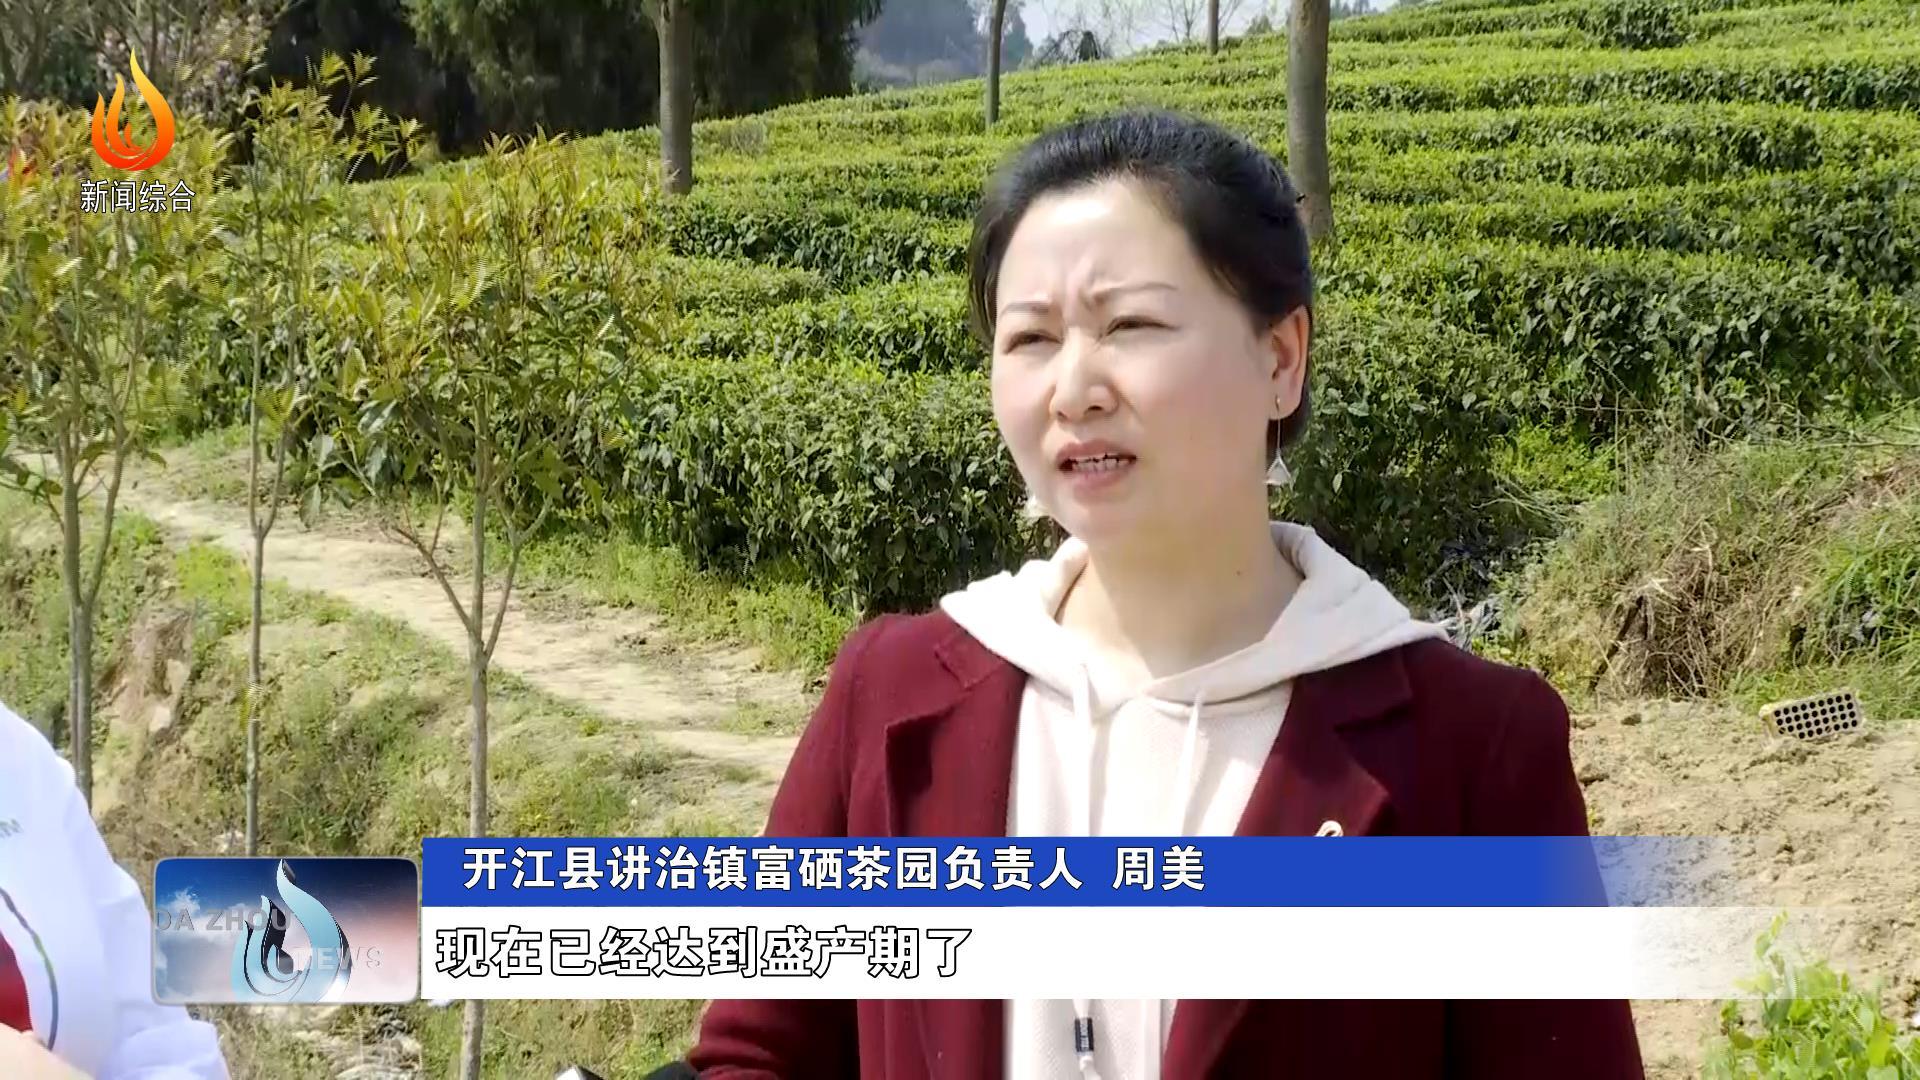 开江县:春茶吐新绿 村民采茶忙